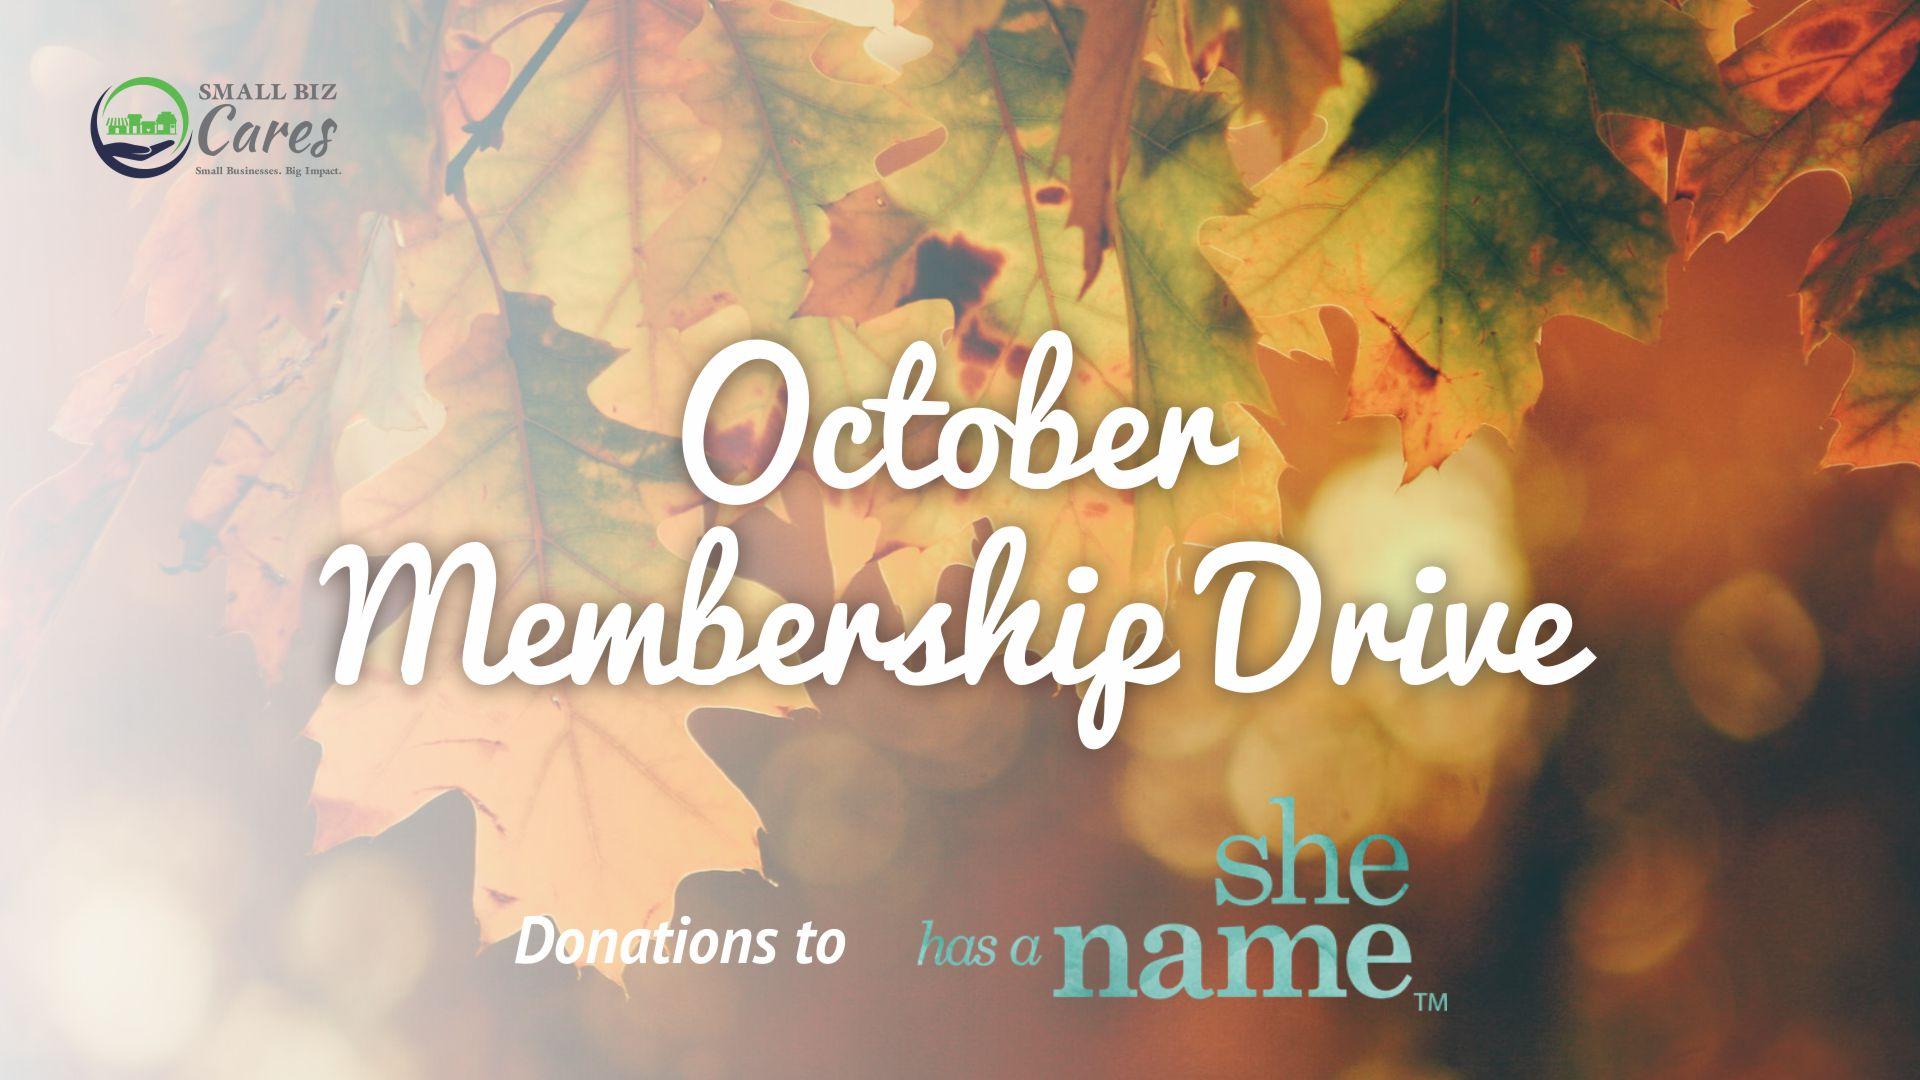 Small Biz Cares Fundraising Fall Membership Drive